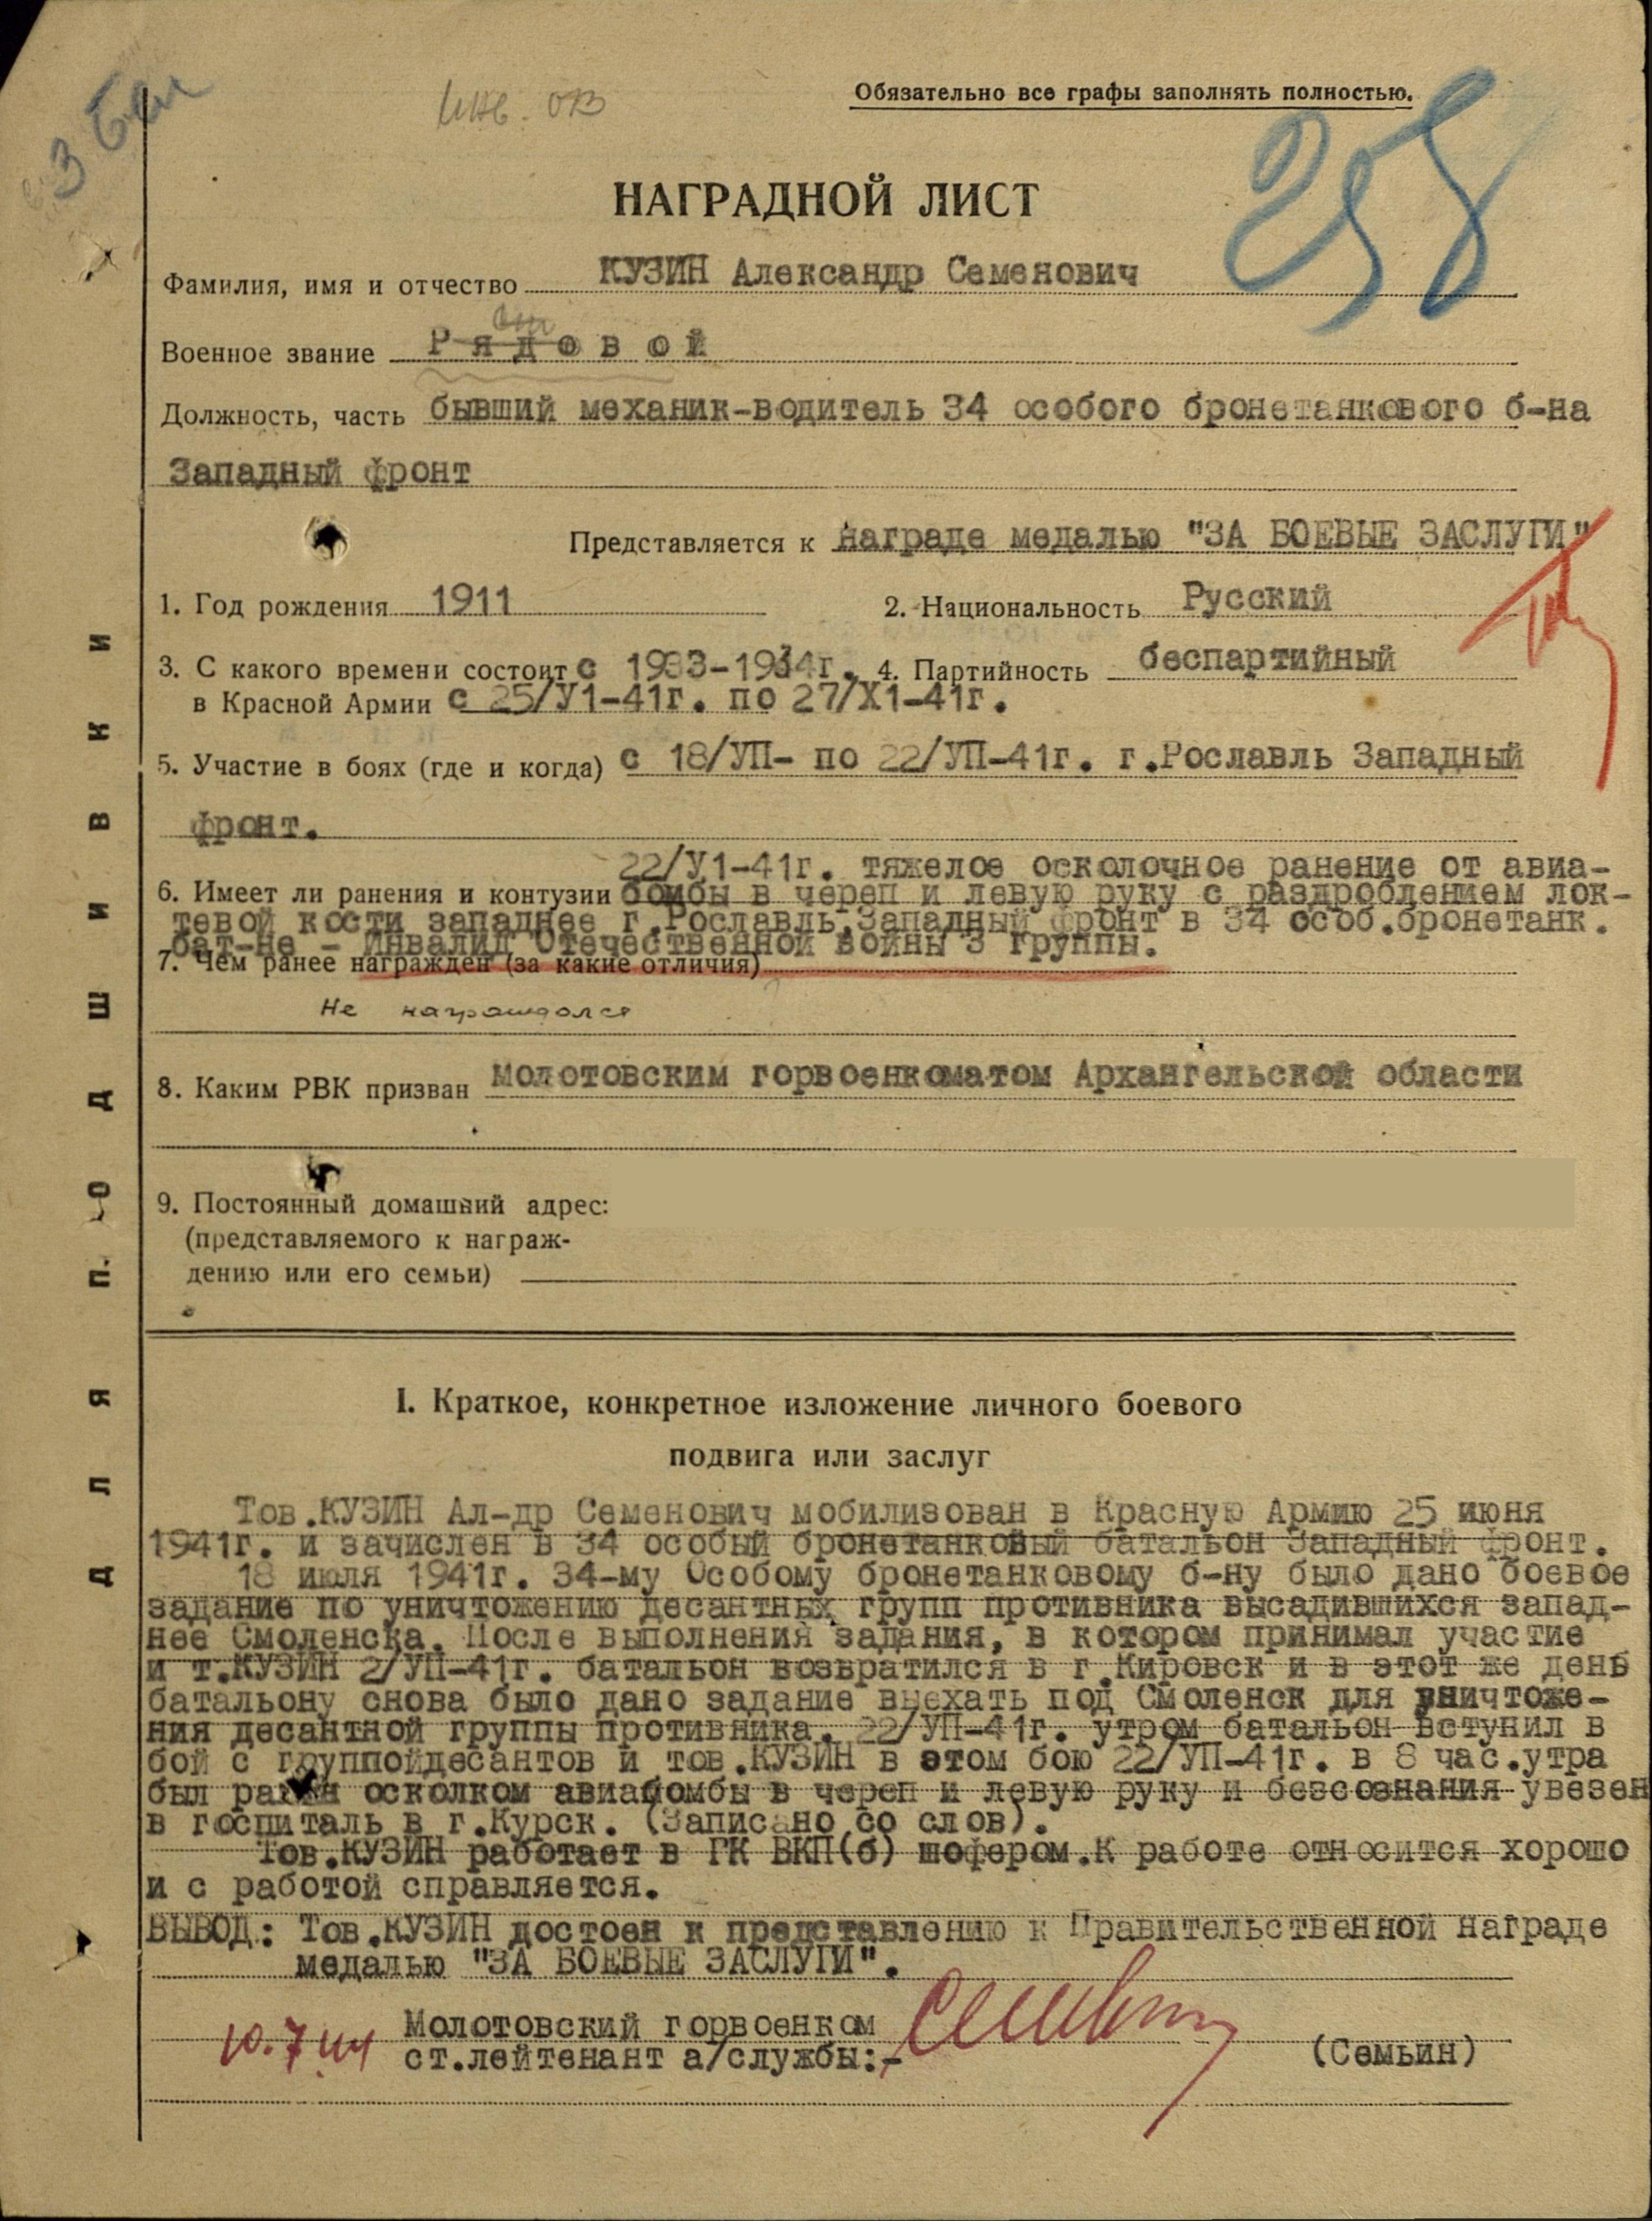 Наградной лист Кузина Александра Семеновича на медаль за боевые заслуги